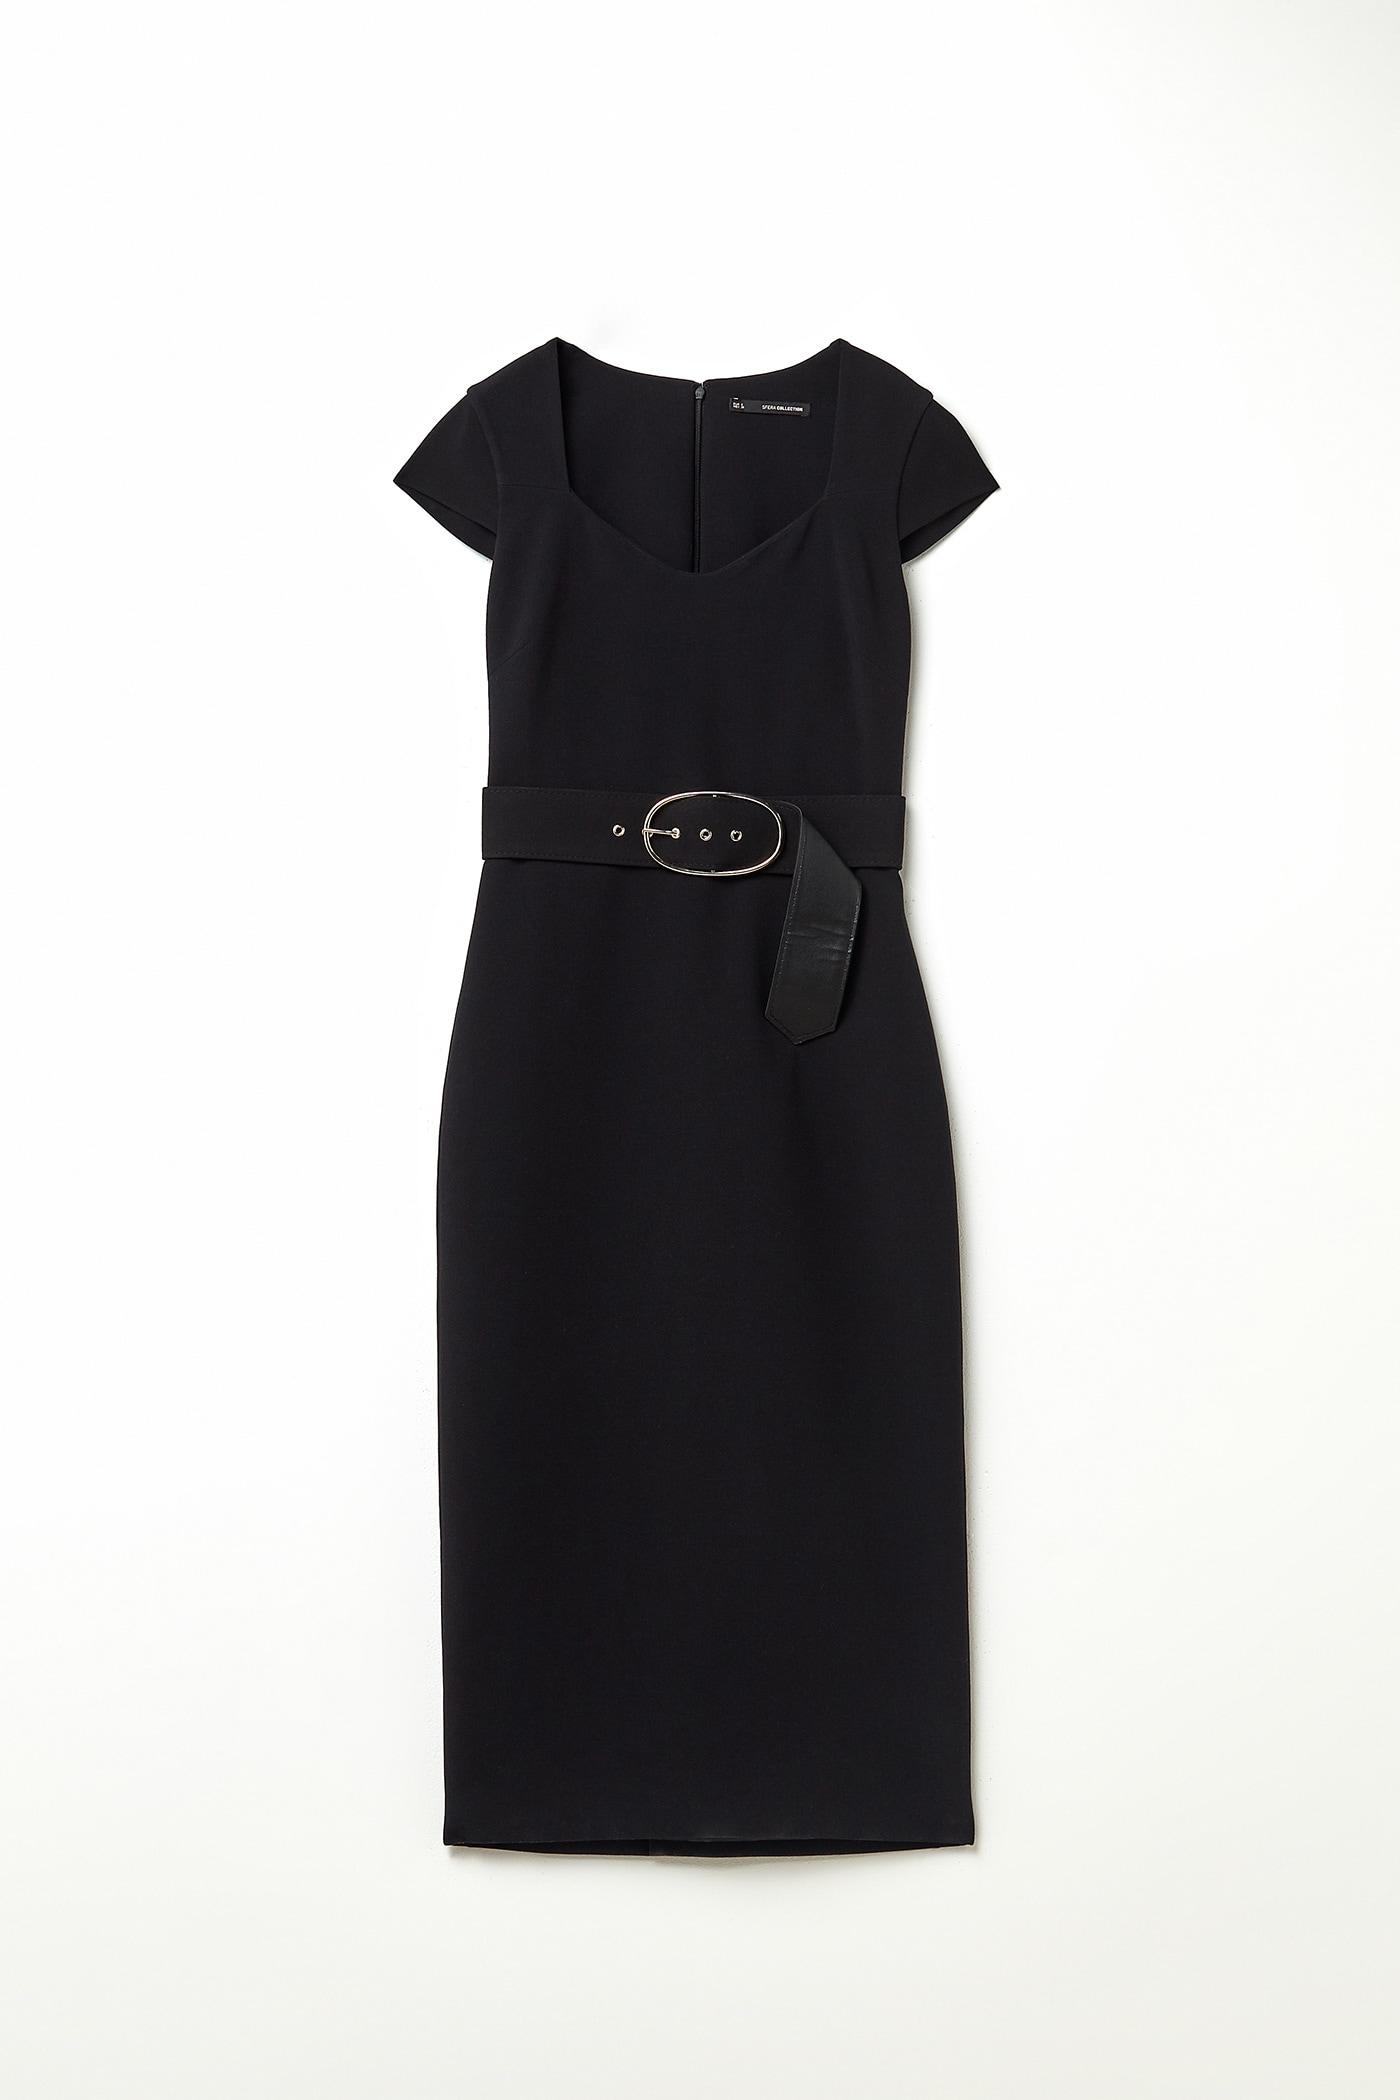 Sfera versiona el vestido Dolce Gabbana favorito de las editoras de moda de Nueva York